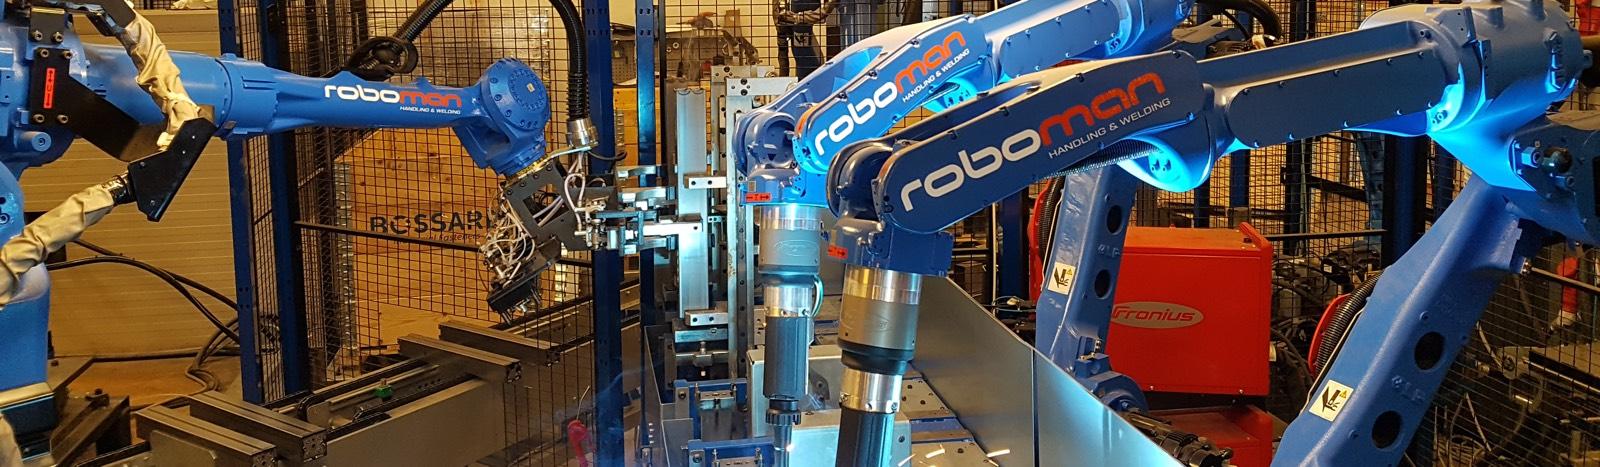 robot-2-slide